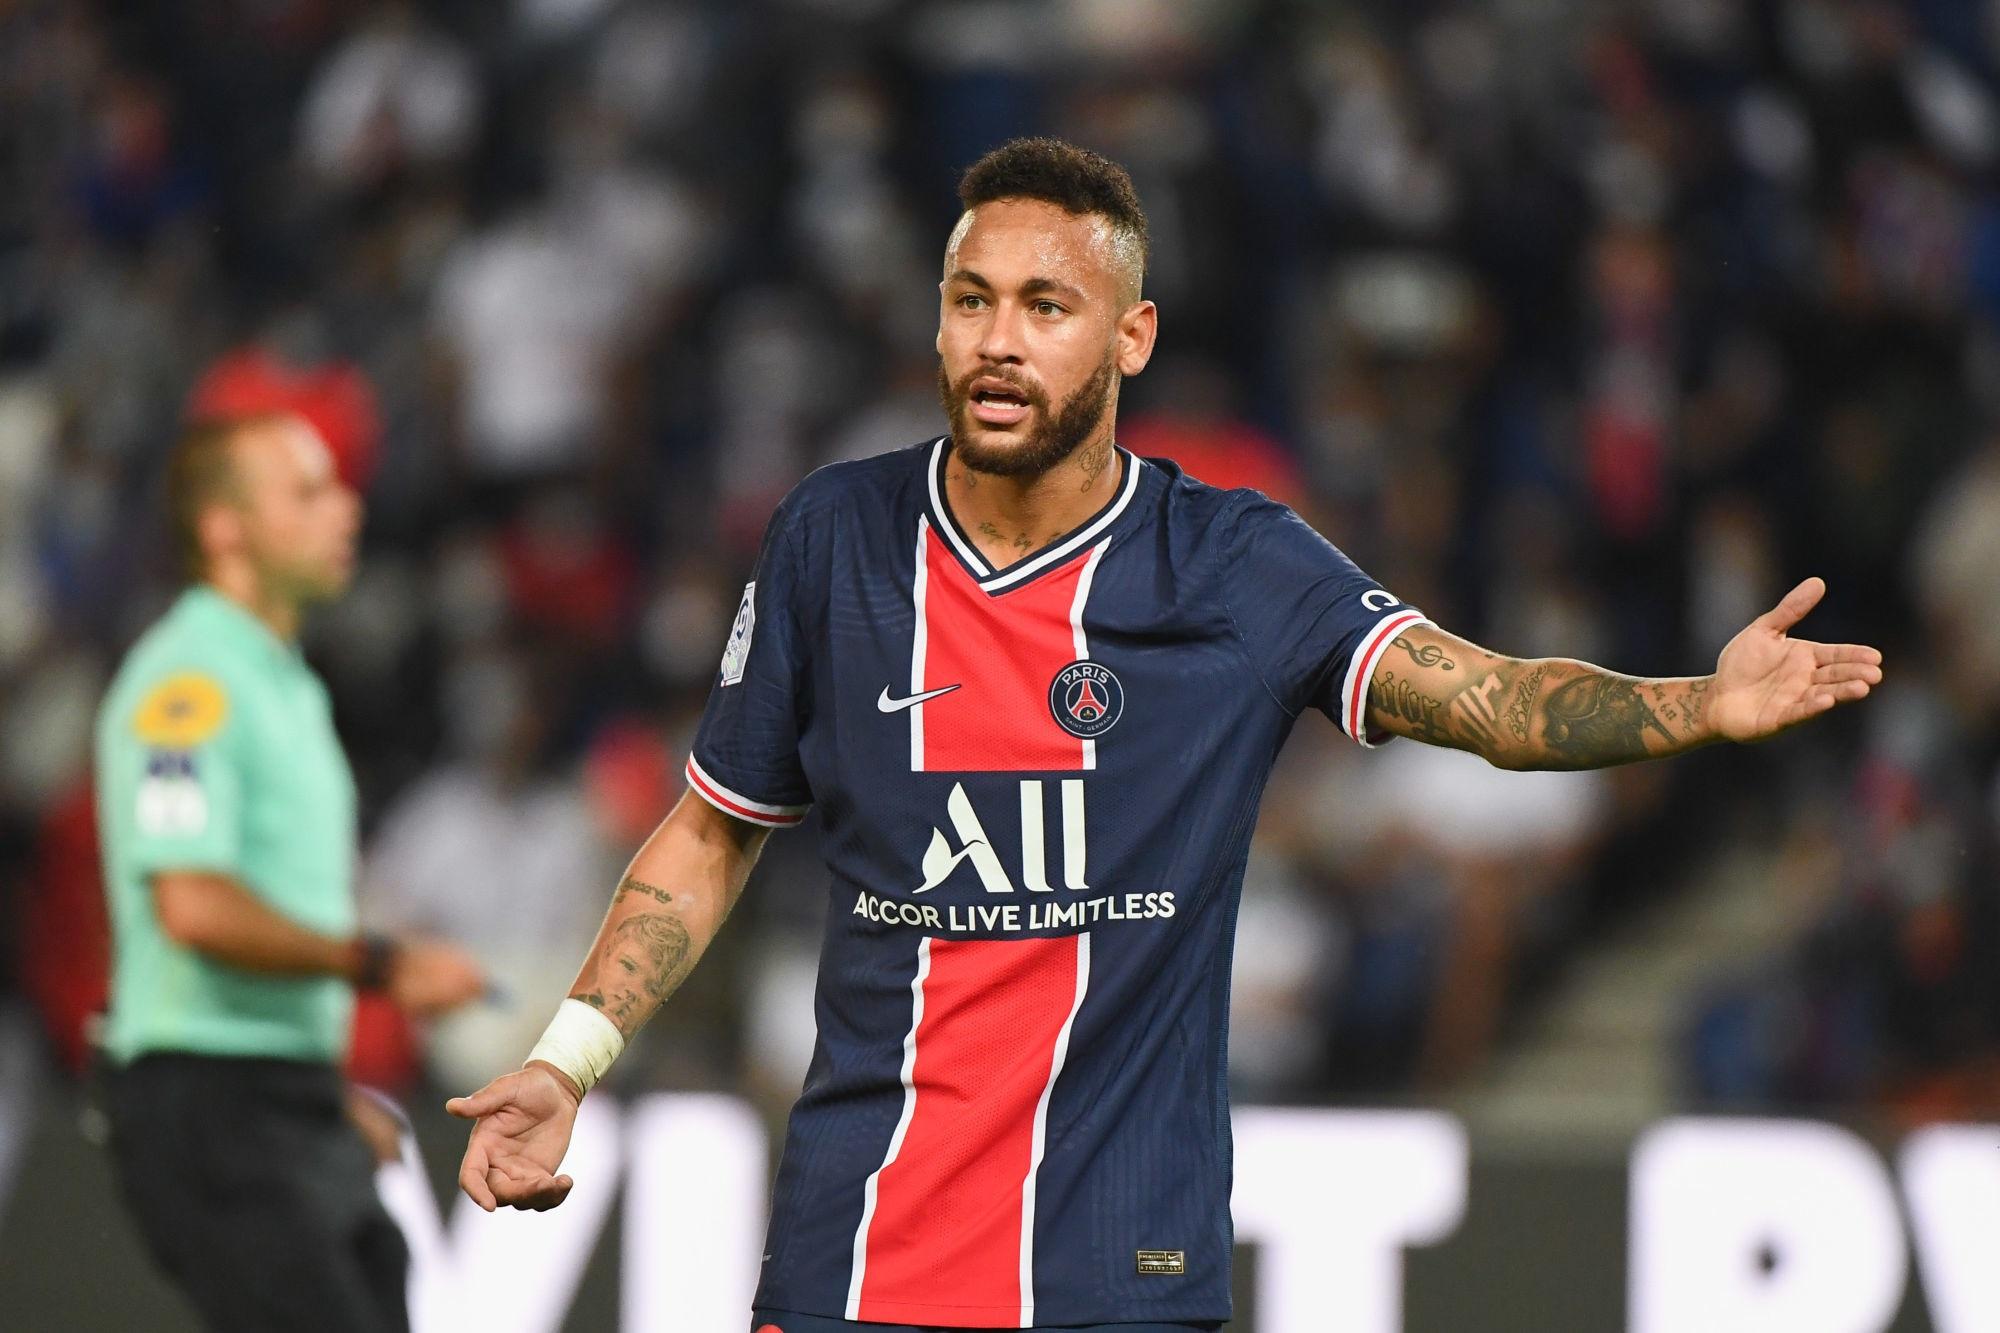 Nîmes/PSG - Neymar, Mbappé et Jesé absents de l'entraînement, Dagba et Herrera présents